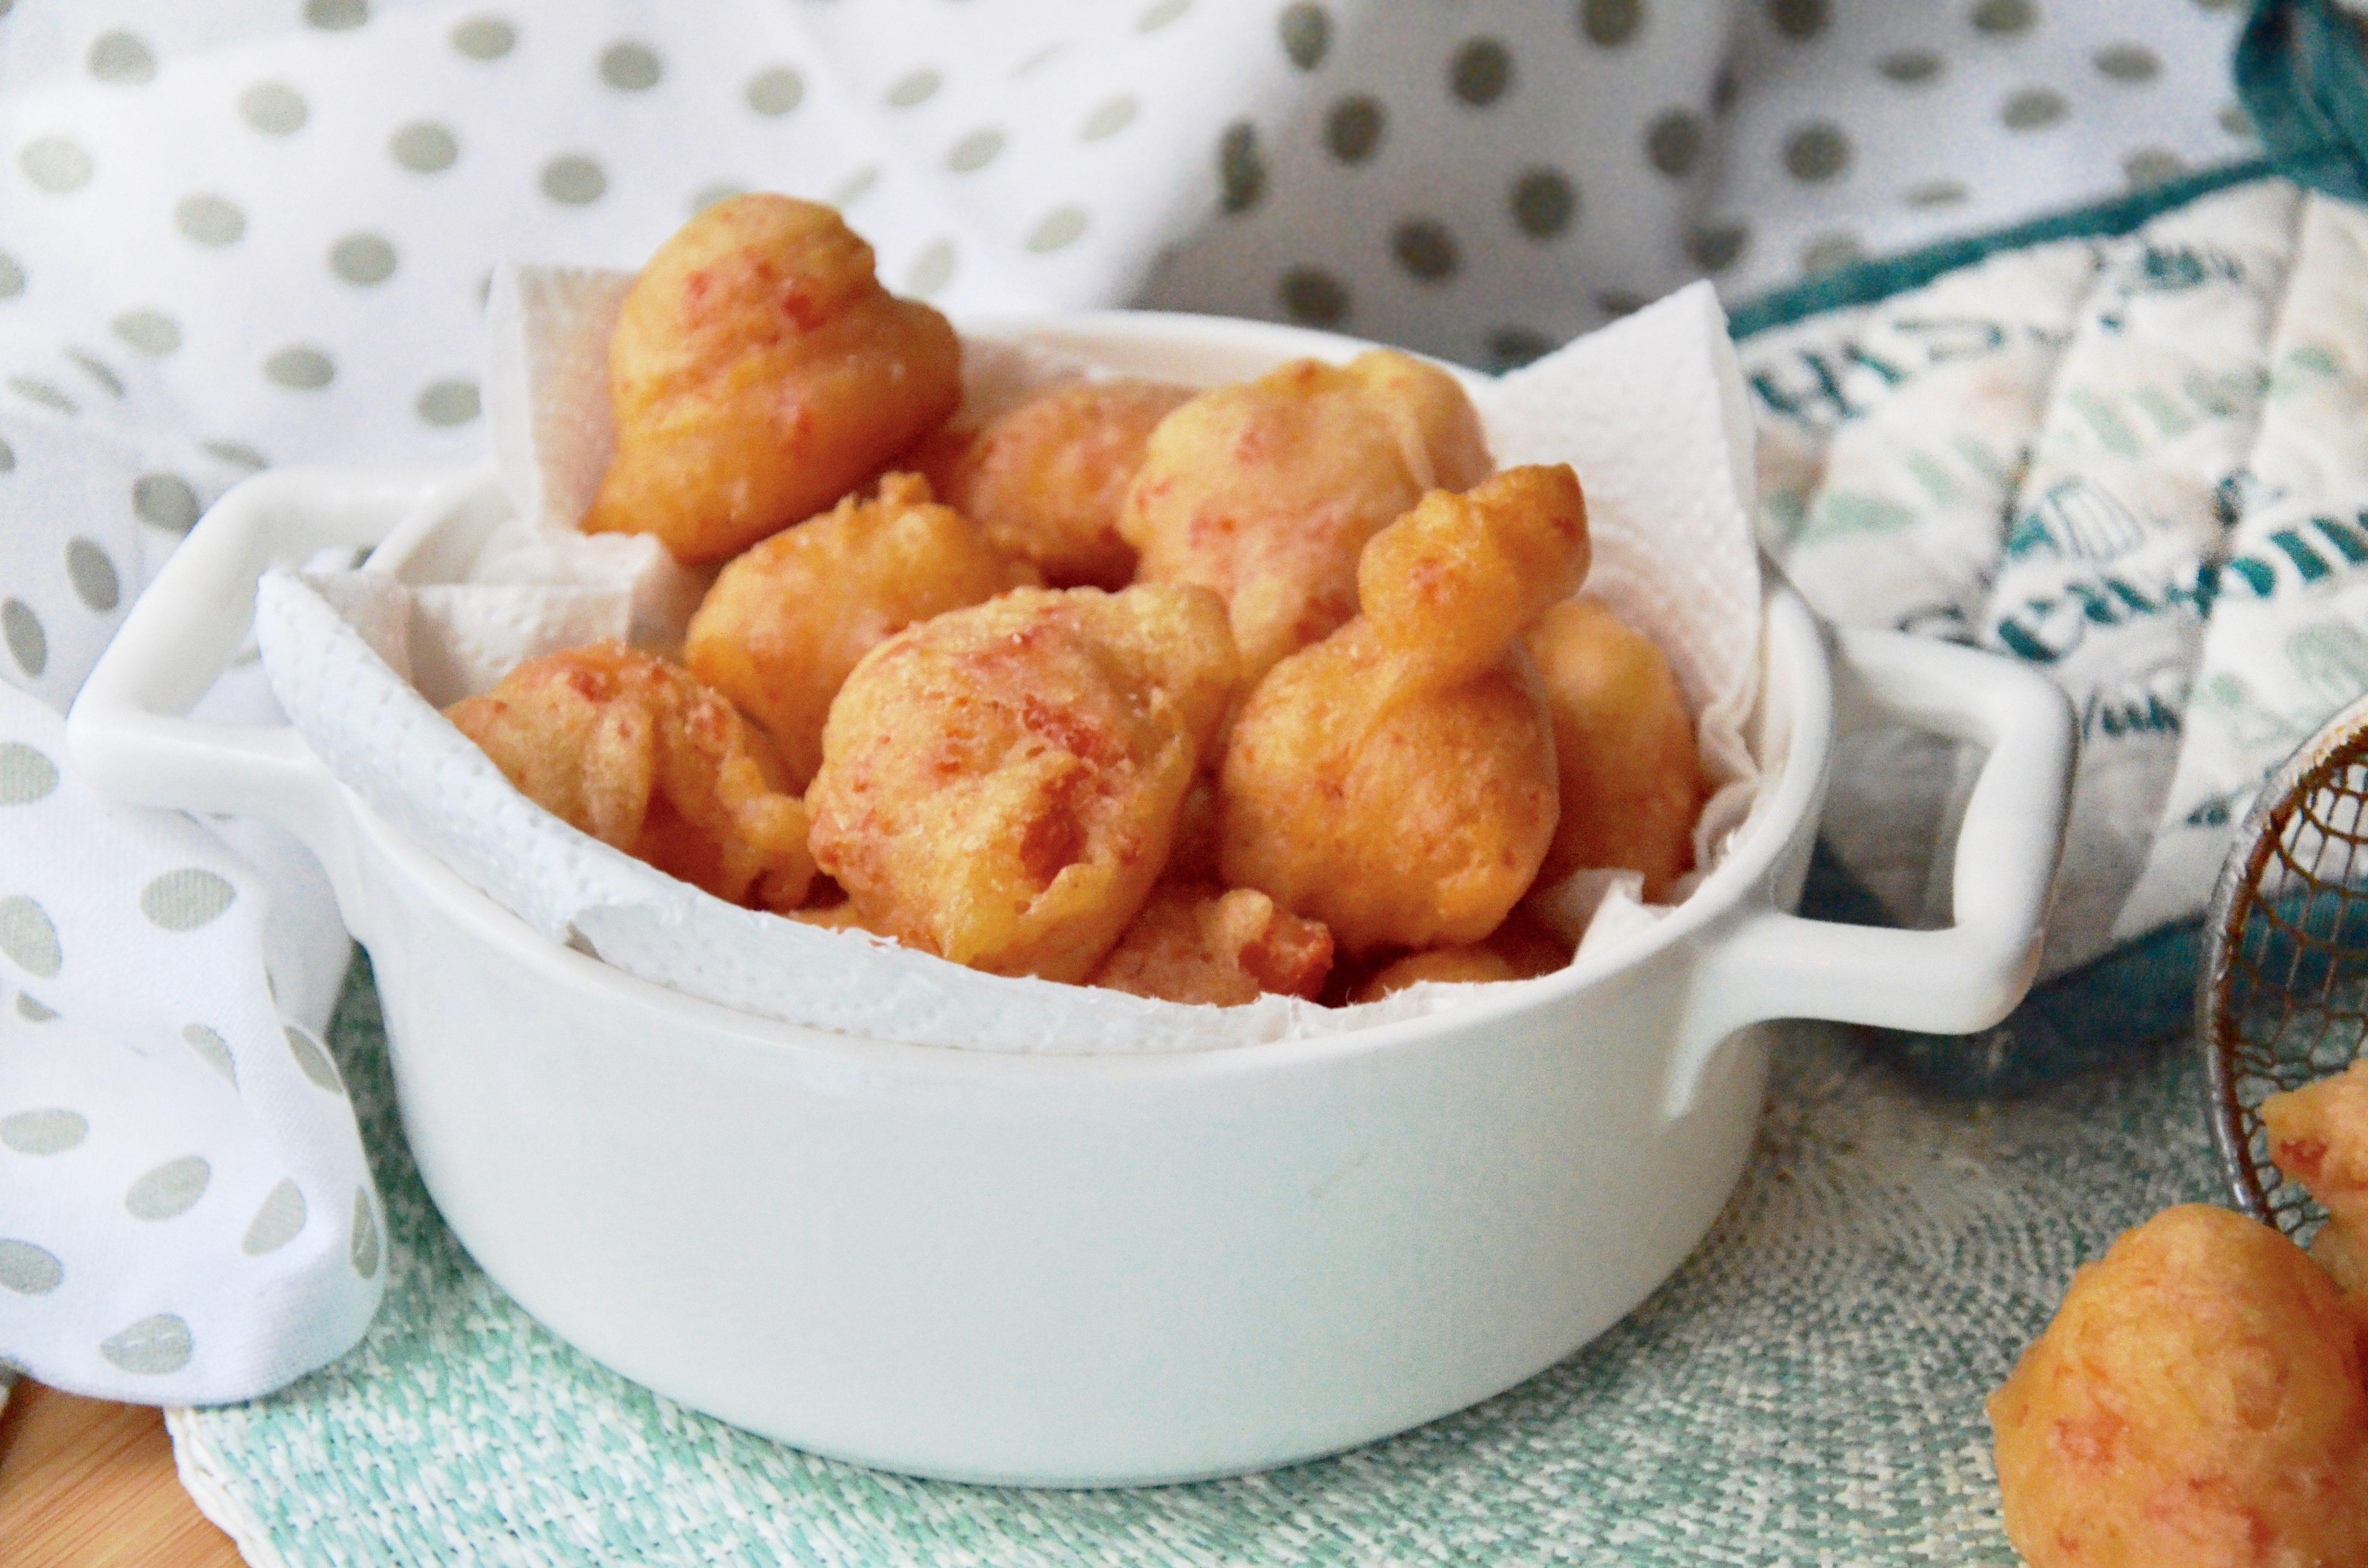 Zeppole con peperoni: la ricetta dello sfizio fritto goloso e irresistibile